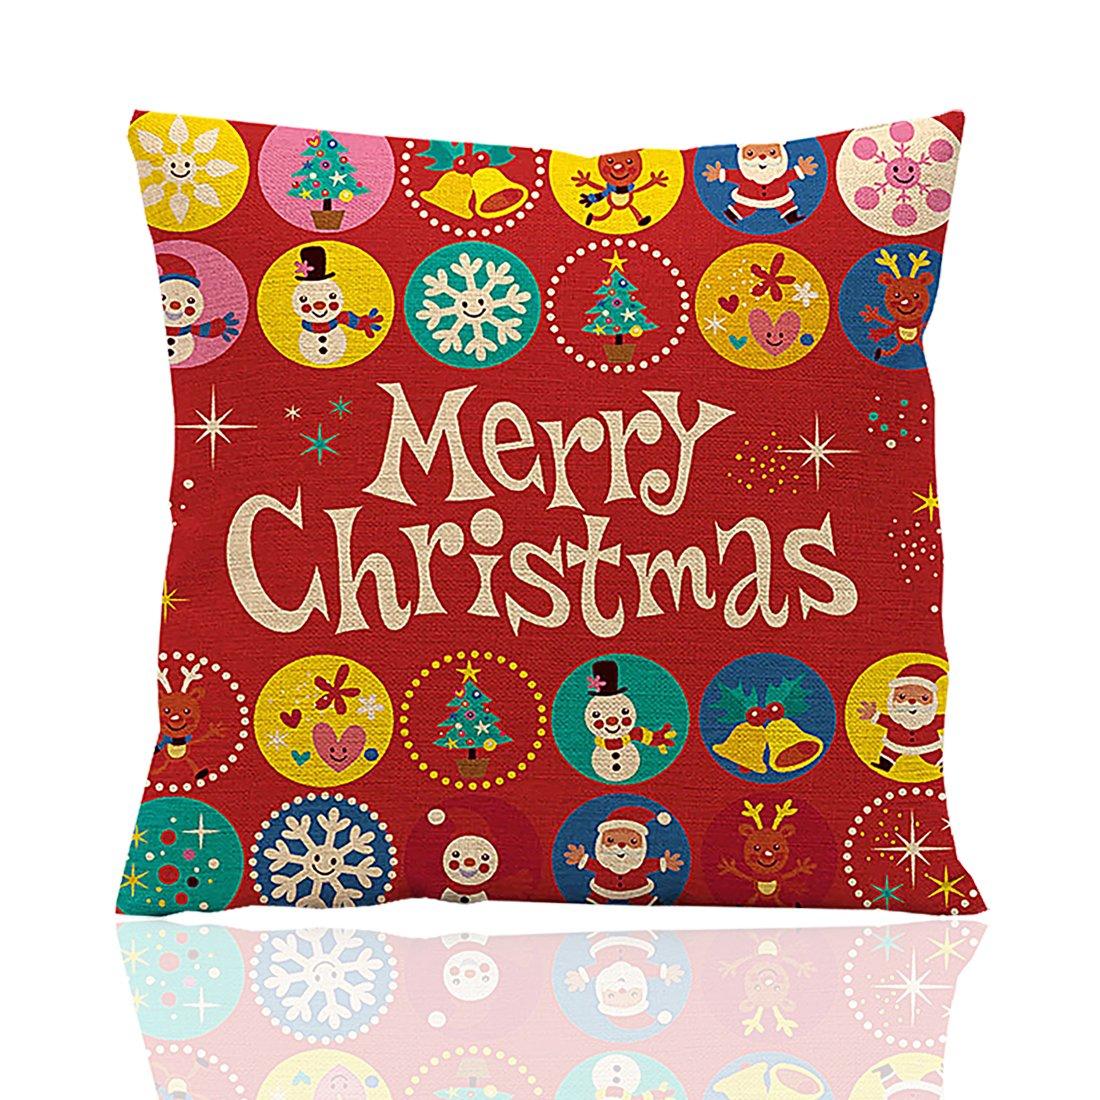 ME COO Deep red Christmas Series The OWL Standing on The Christmas Tree Hug Pillow Covers Decorative Pillow Covers Standard Pillow coer 18 Inches × 18 Inches 1Pcs